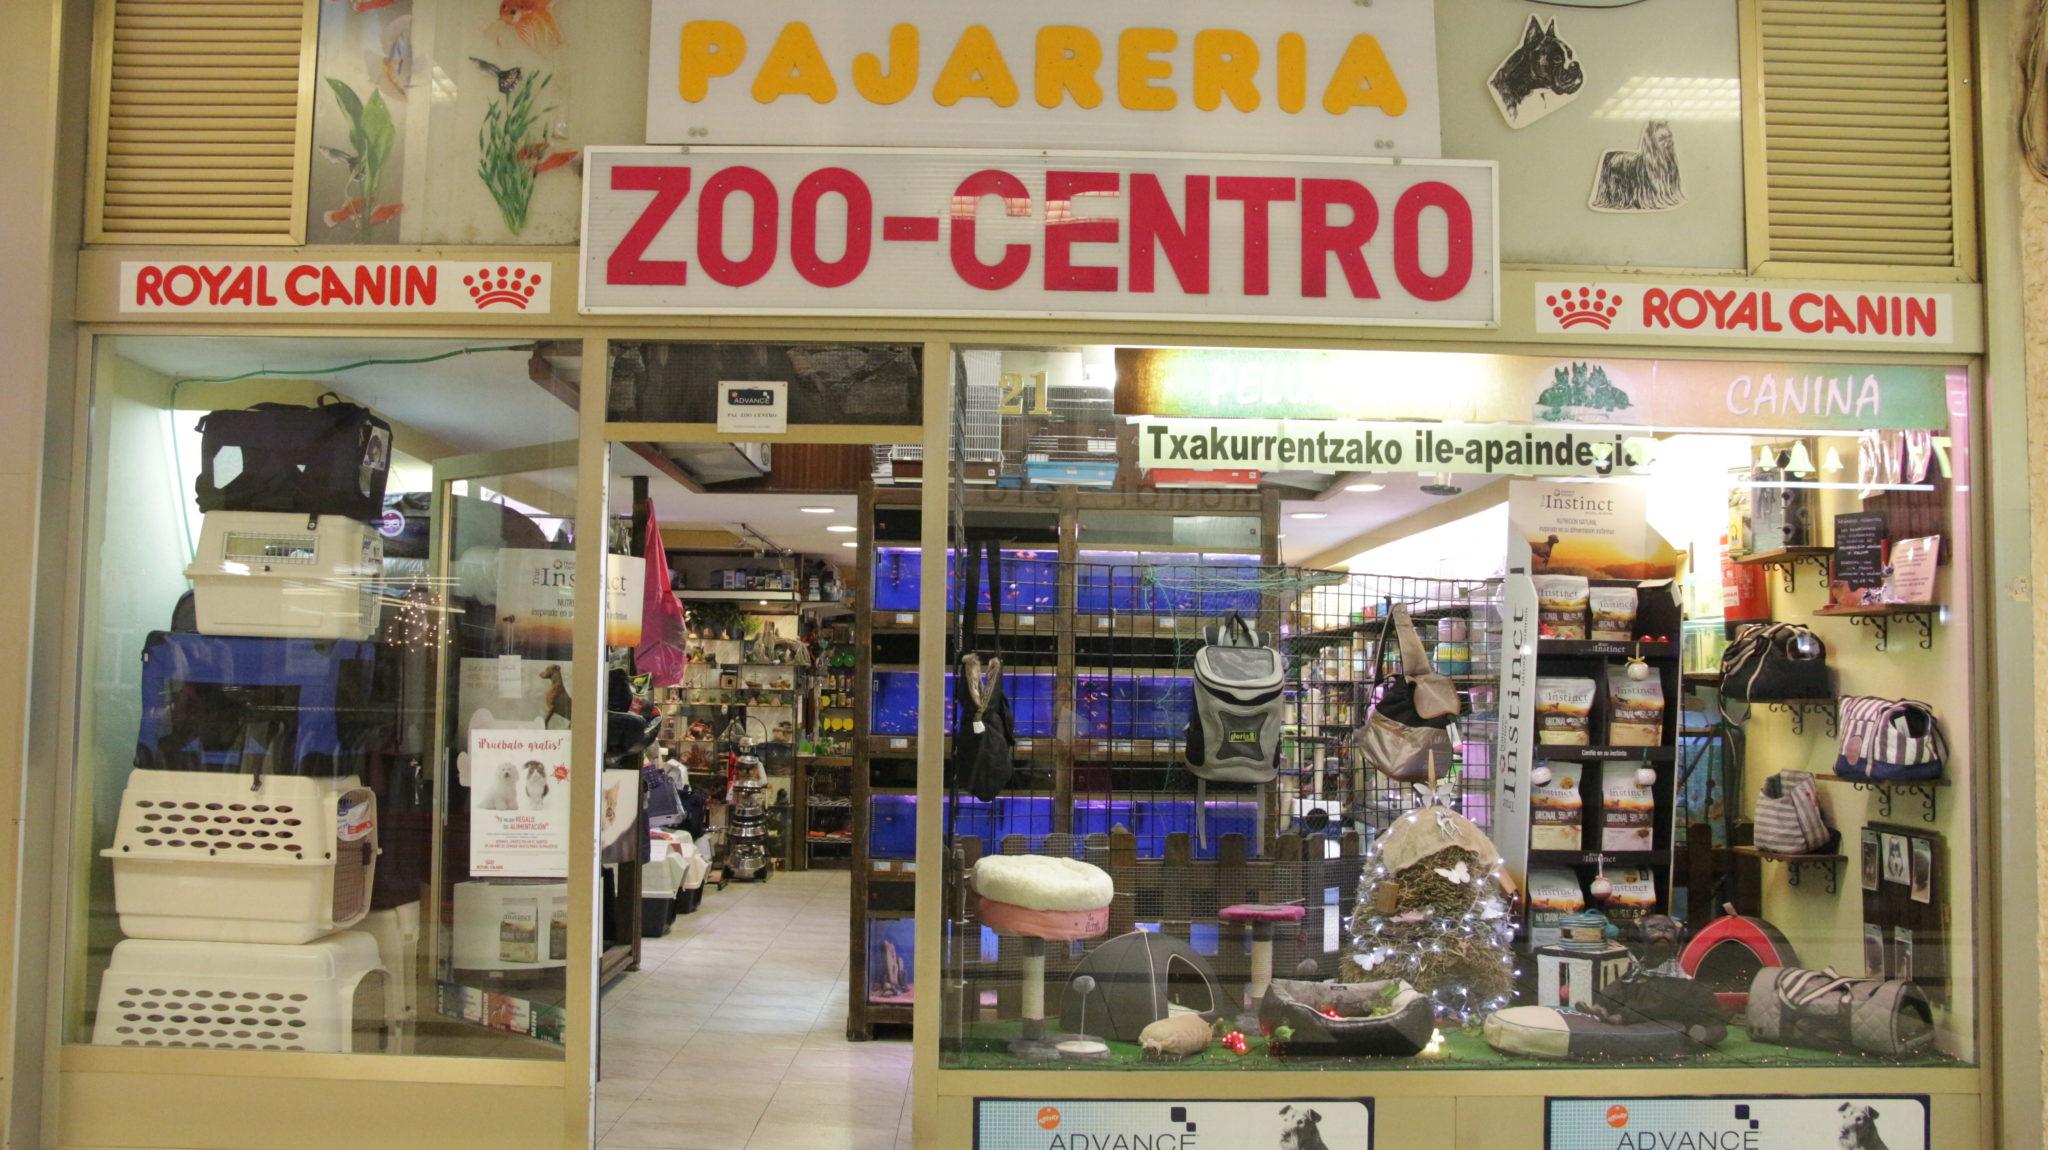 Tienda especializada en el cuidado de la mascota